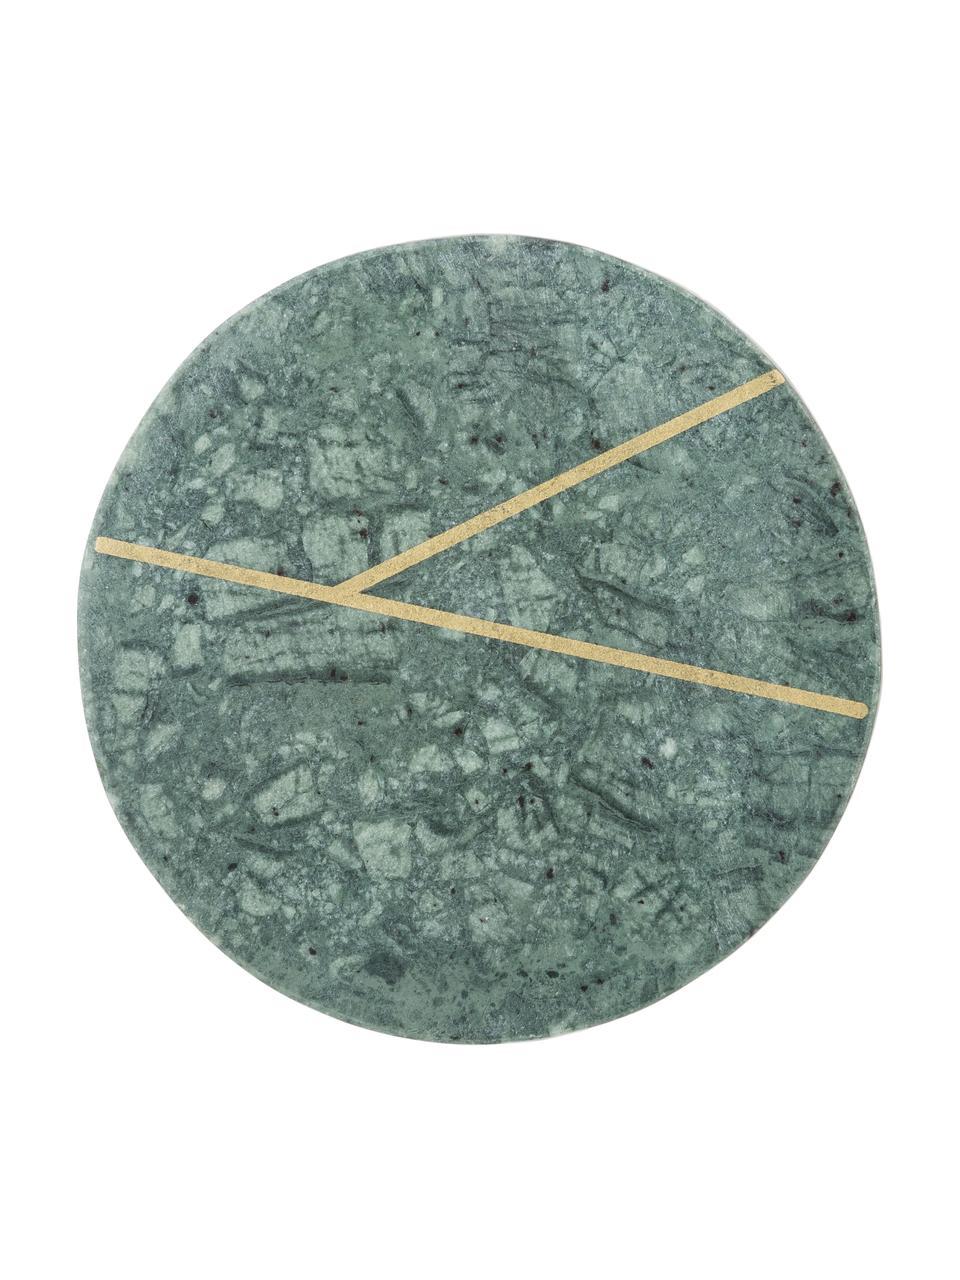 Marmor-Untersetzer Marek mit goldenen Details, 4 Stück, Marmor, Grün marmoriert, Goldfarben, Ø 10 x H 1 cm